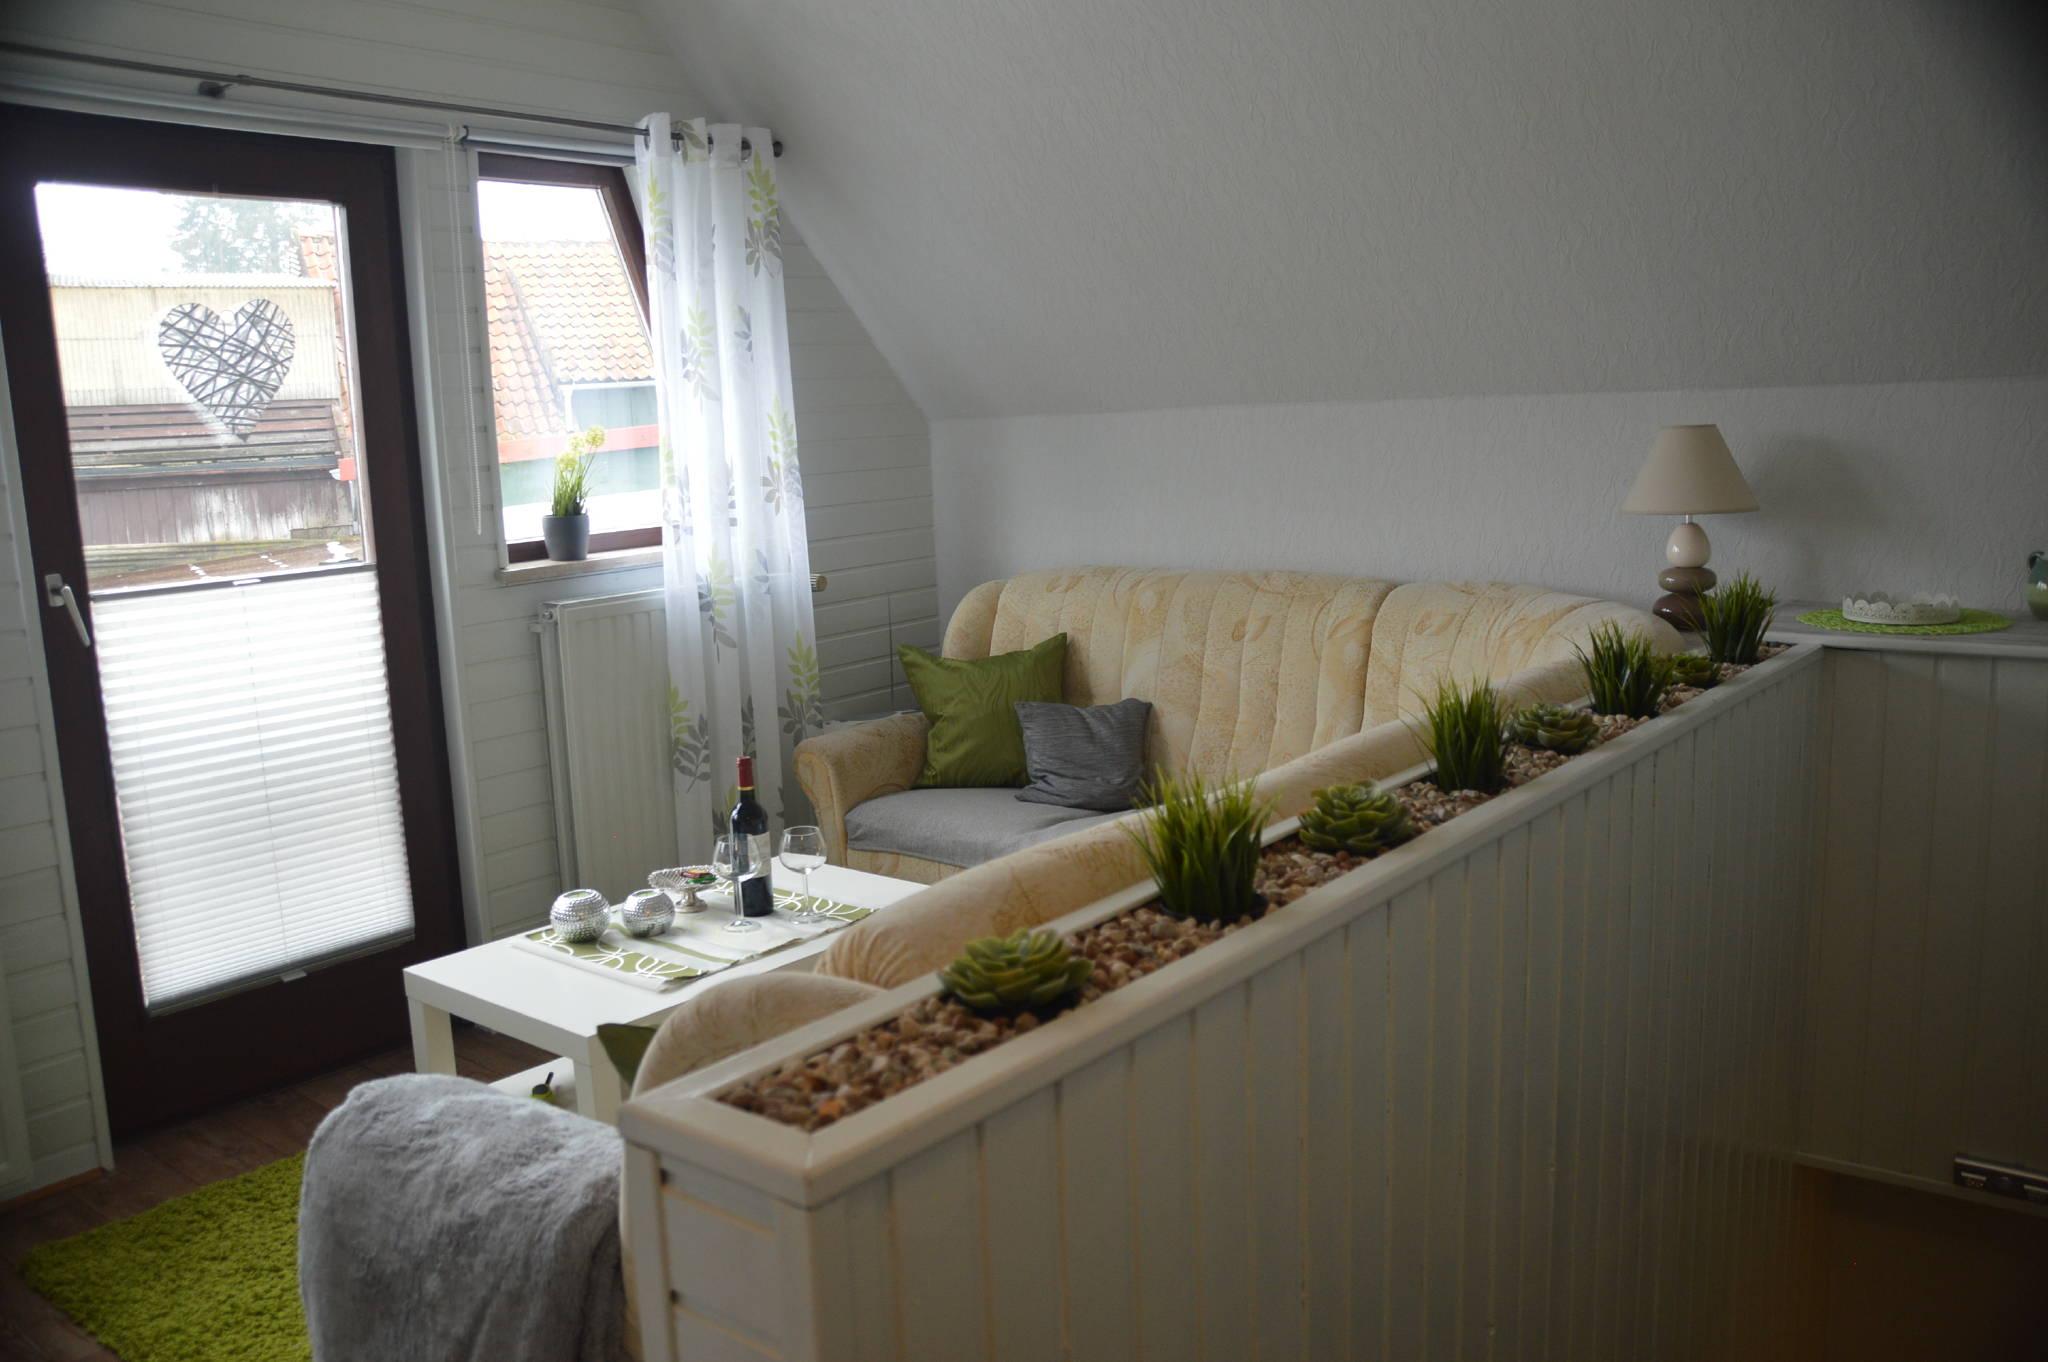 Wohnzimmer wurde in 01/2013 renoviert